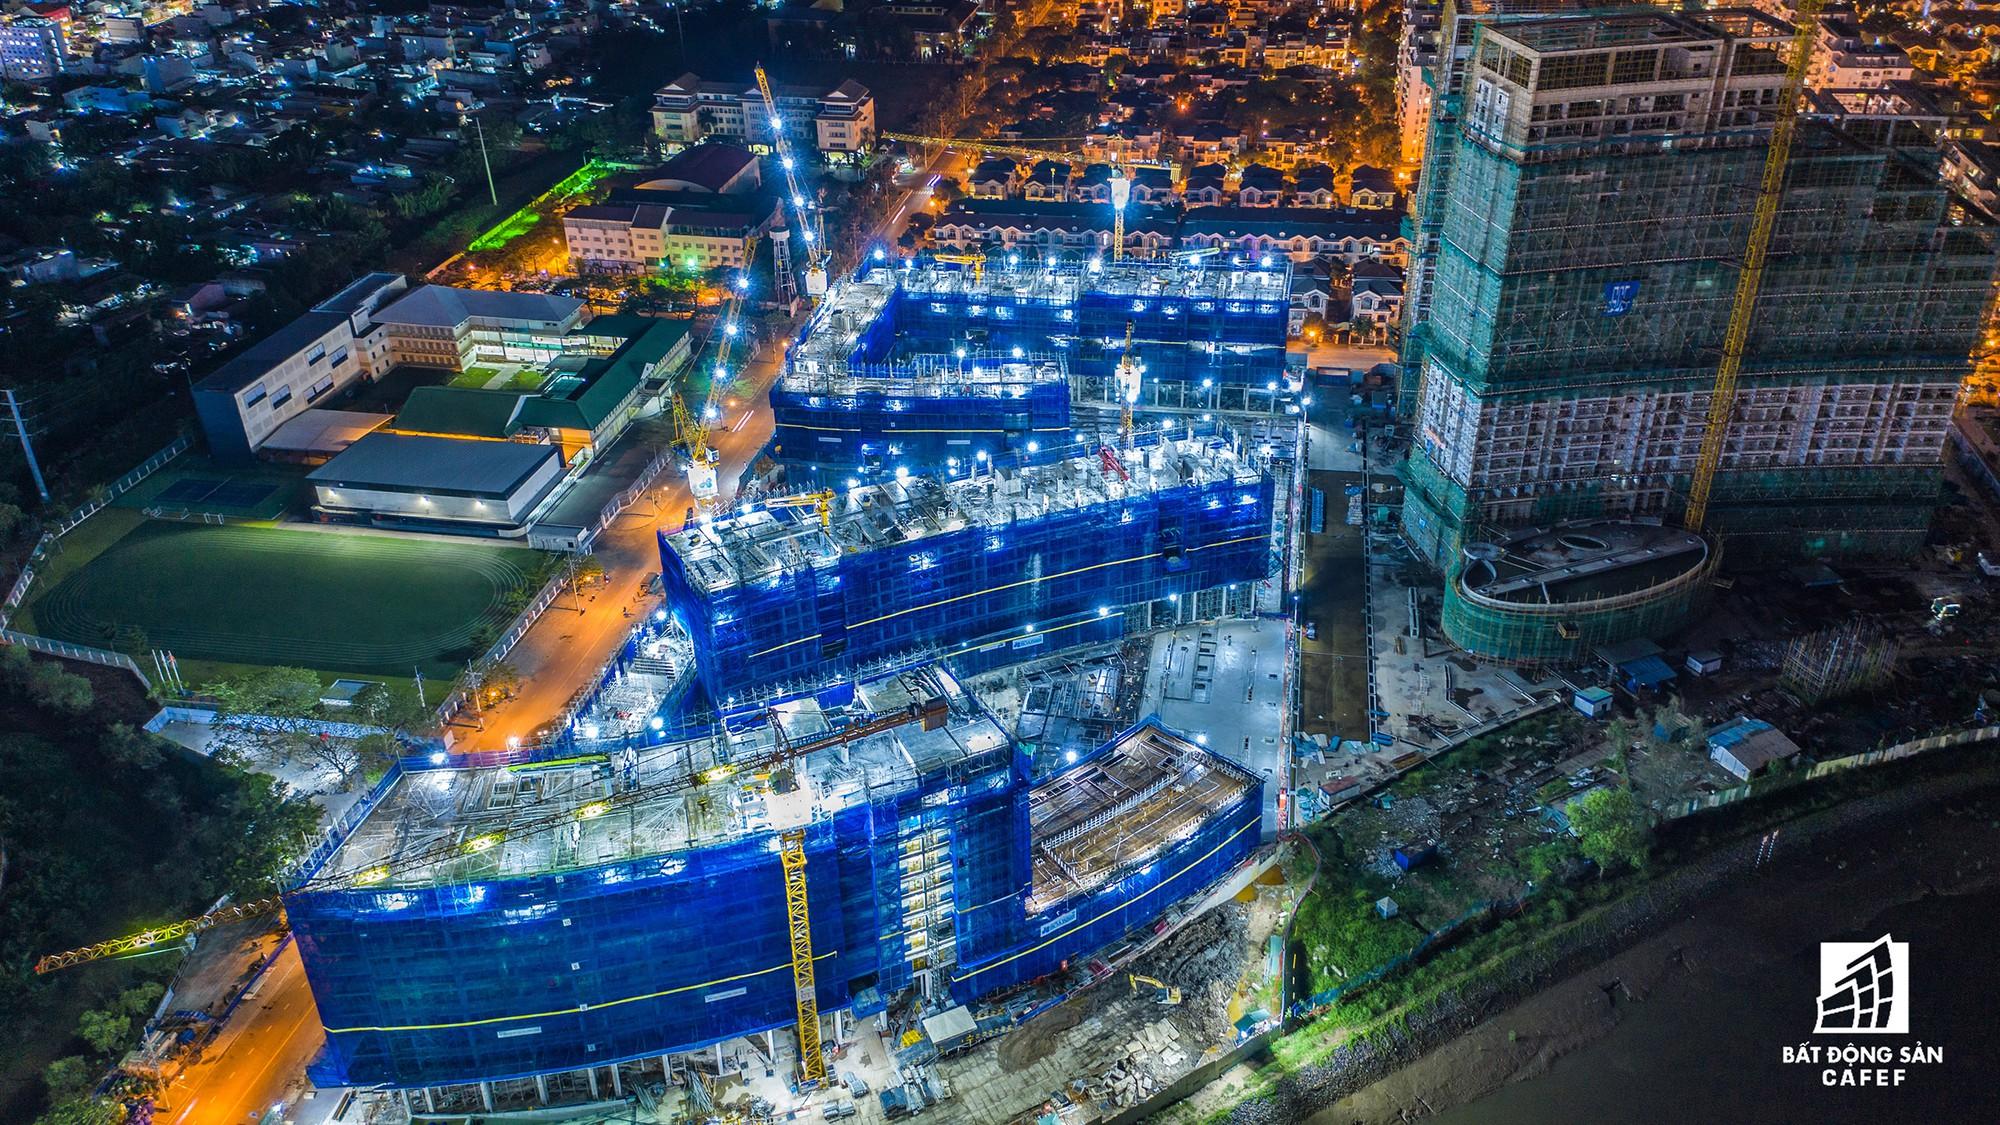 Có một trung tâm tài chính tại khu Nam Sài Gòn - Nơi giá nhà tăng chóng mặt - Ảnh 10.